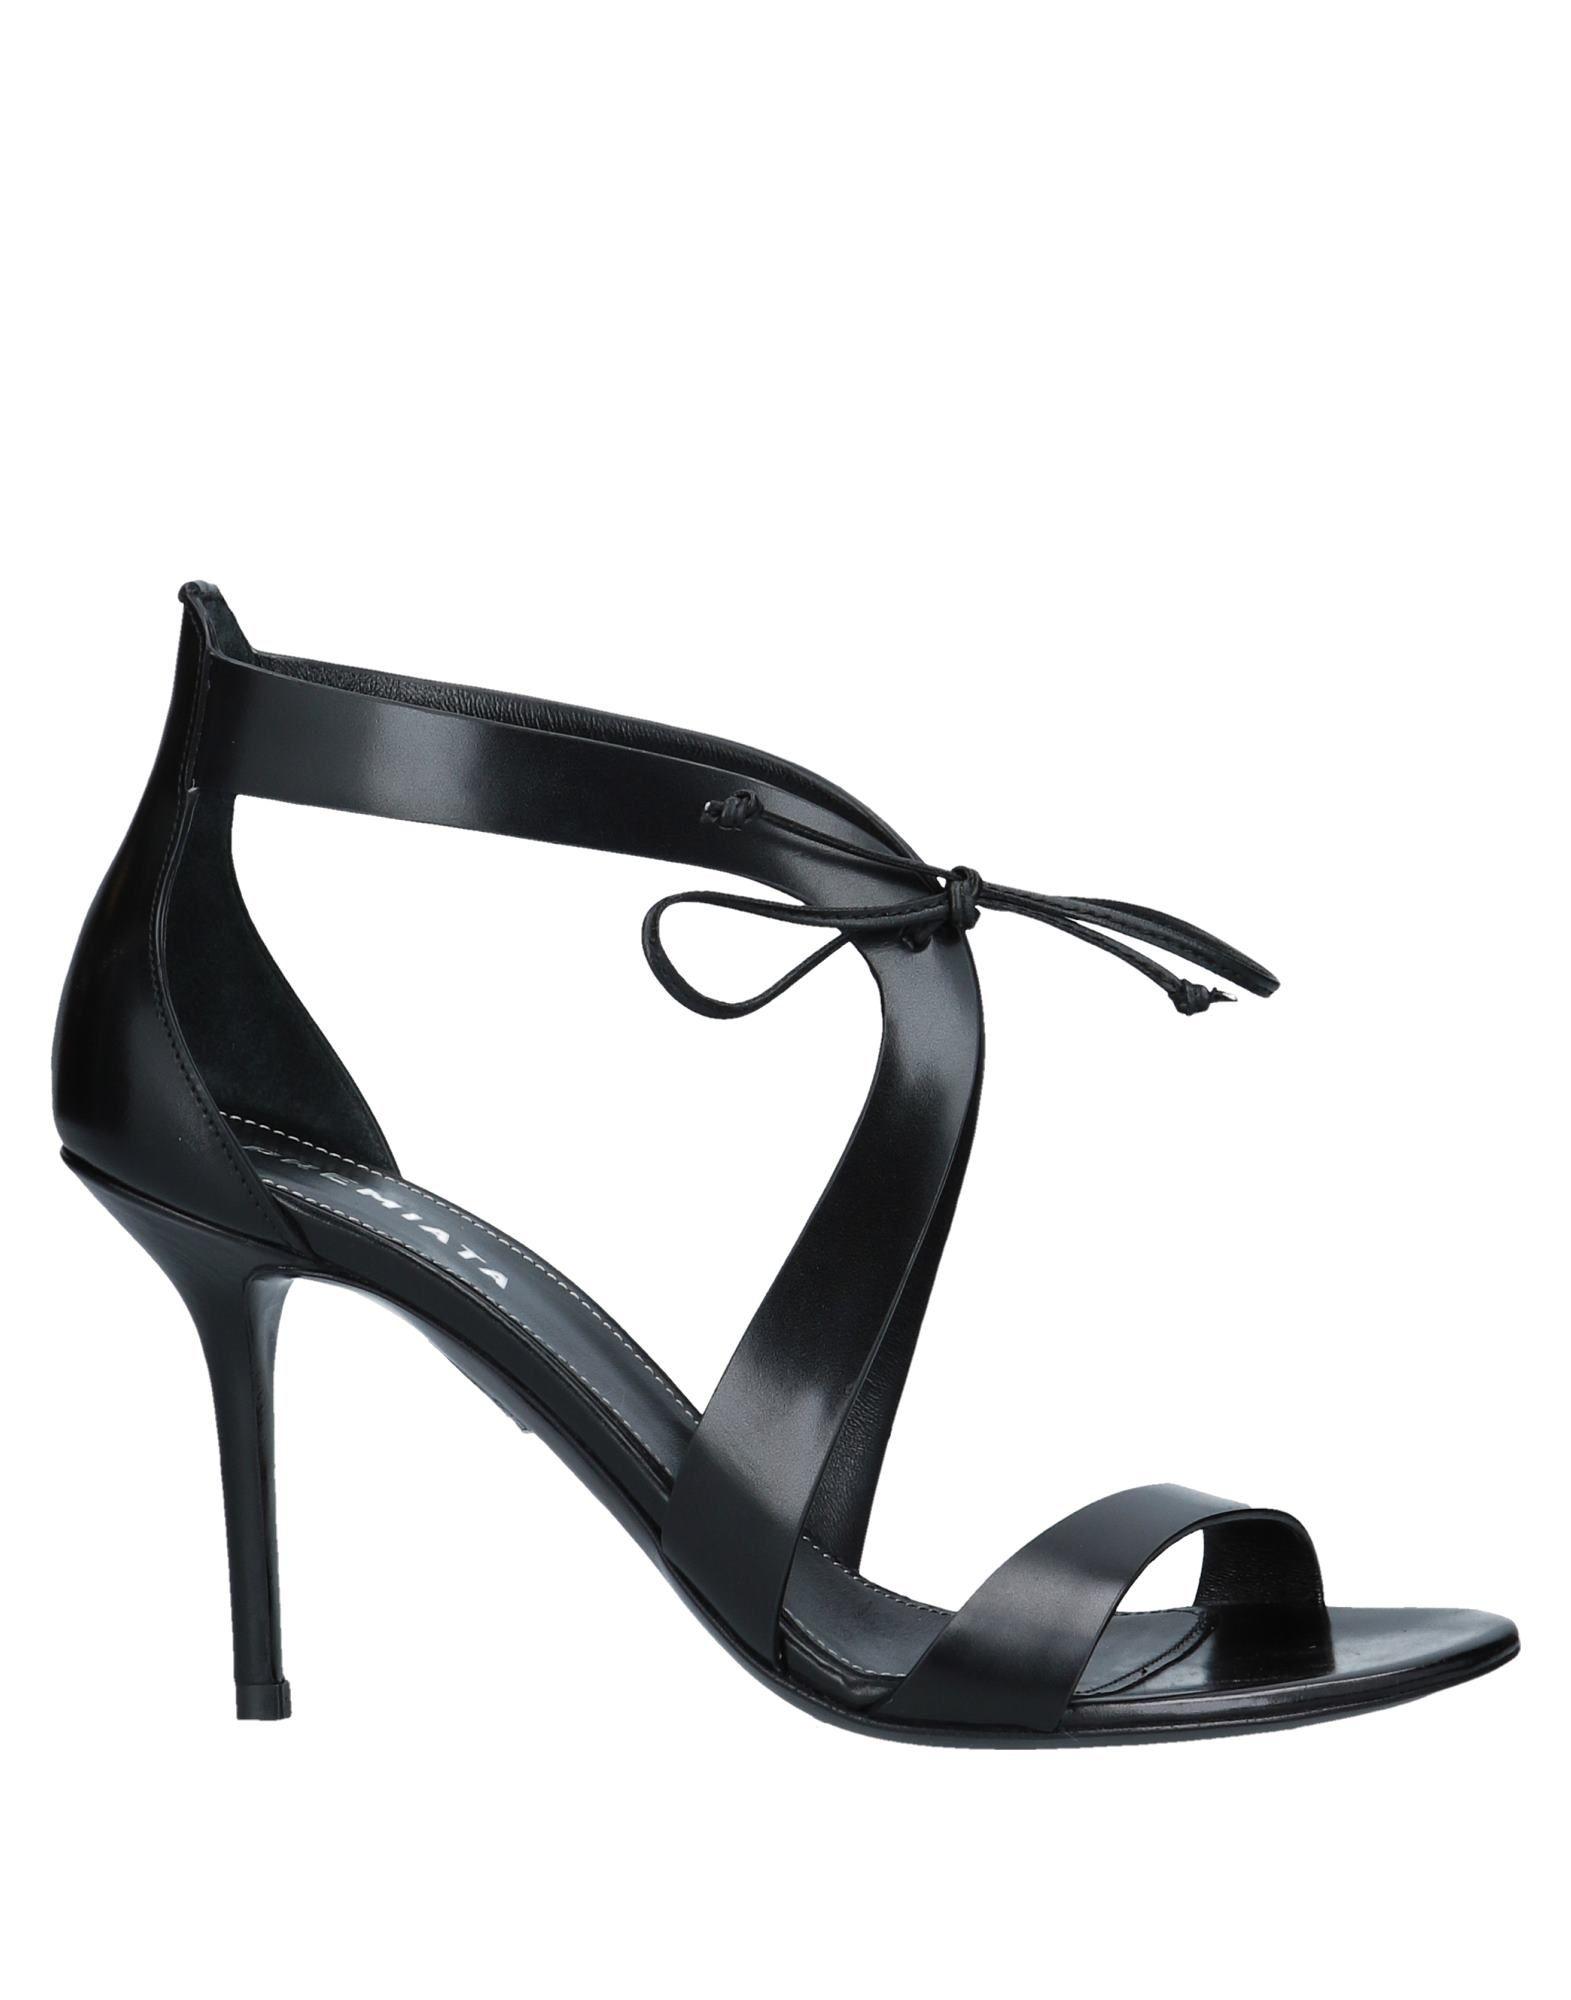 Sandali Premiata Donna - 11560192QR Scarpe economiche e buone